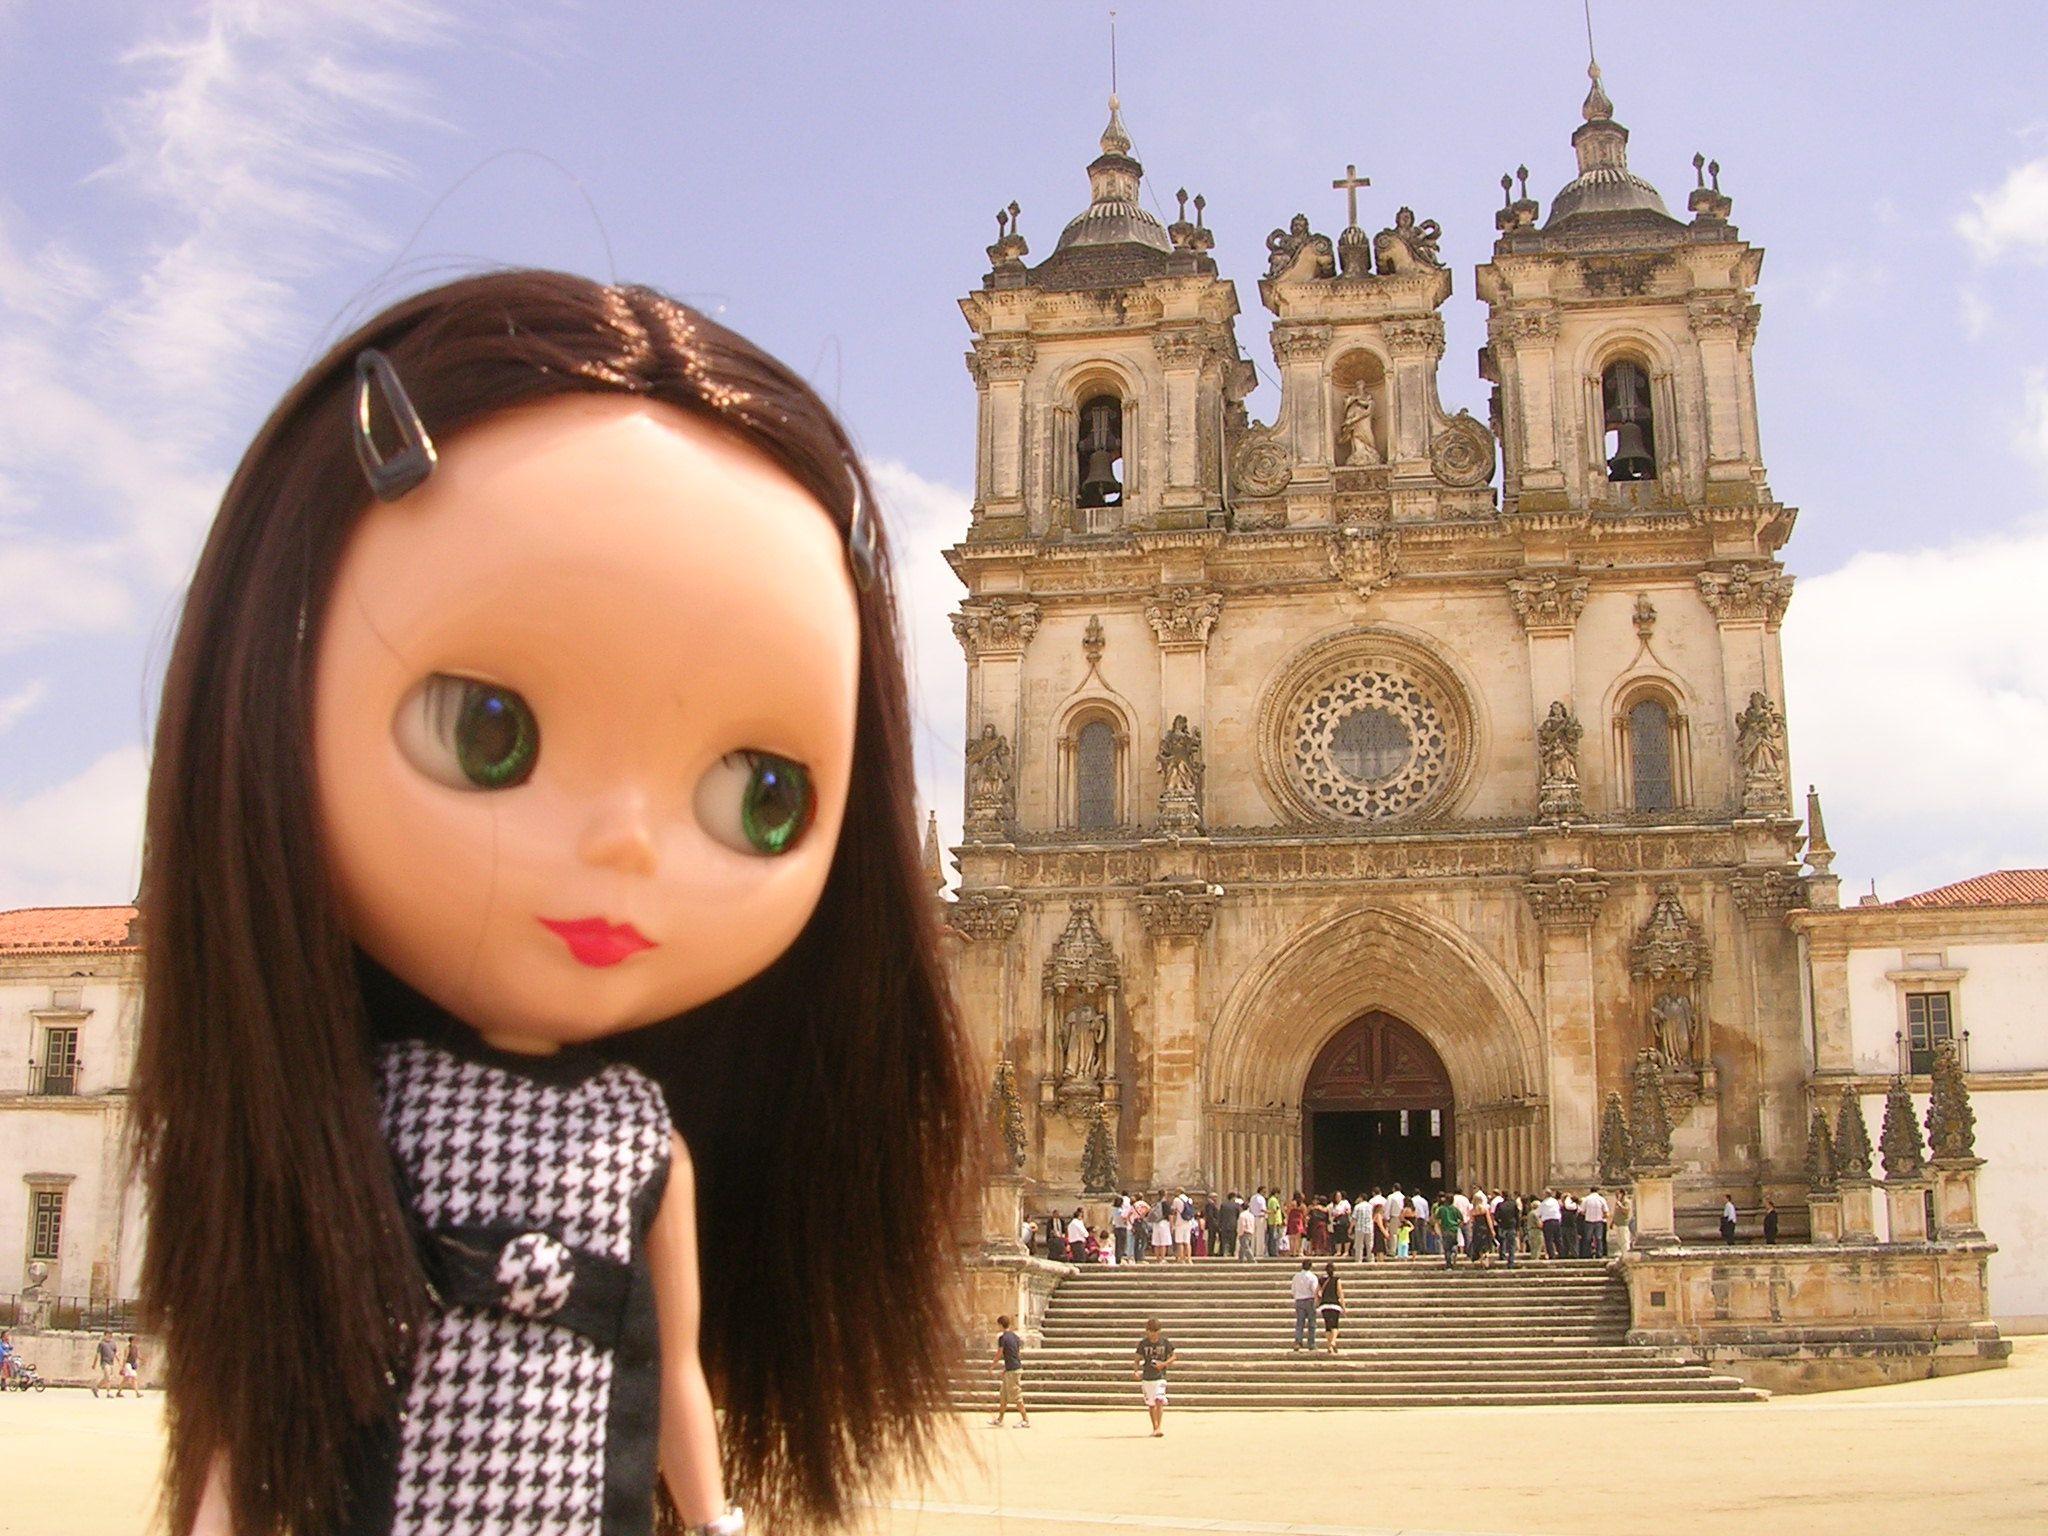 Mosteiro de Alcobaça (Portugal) - August 2007